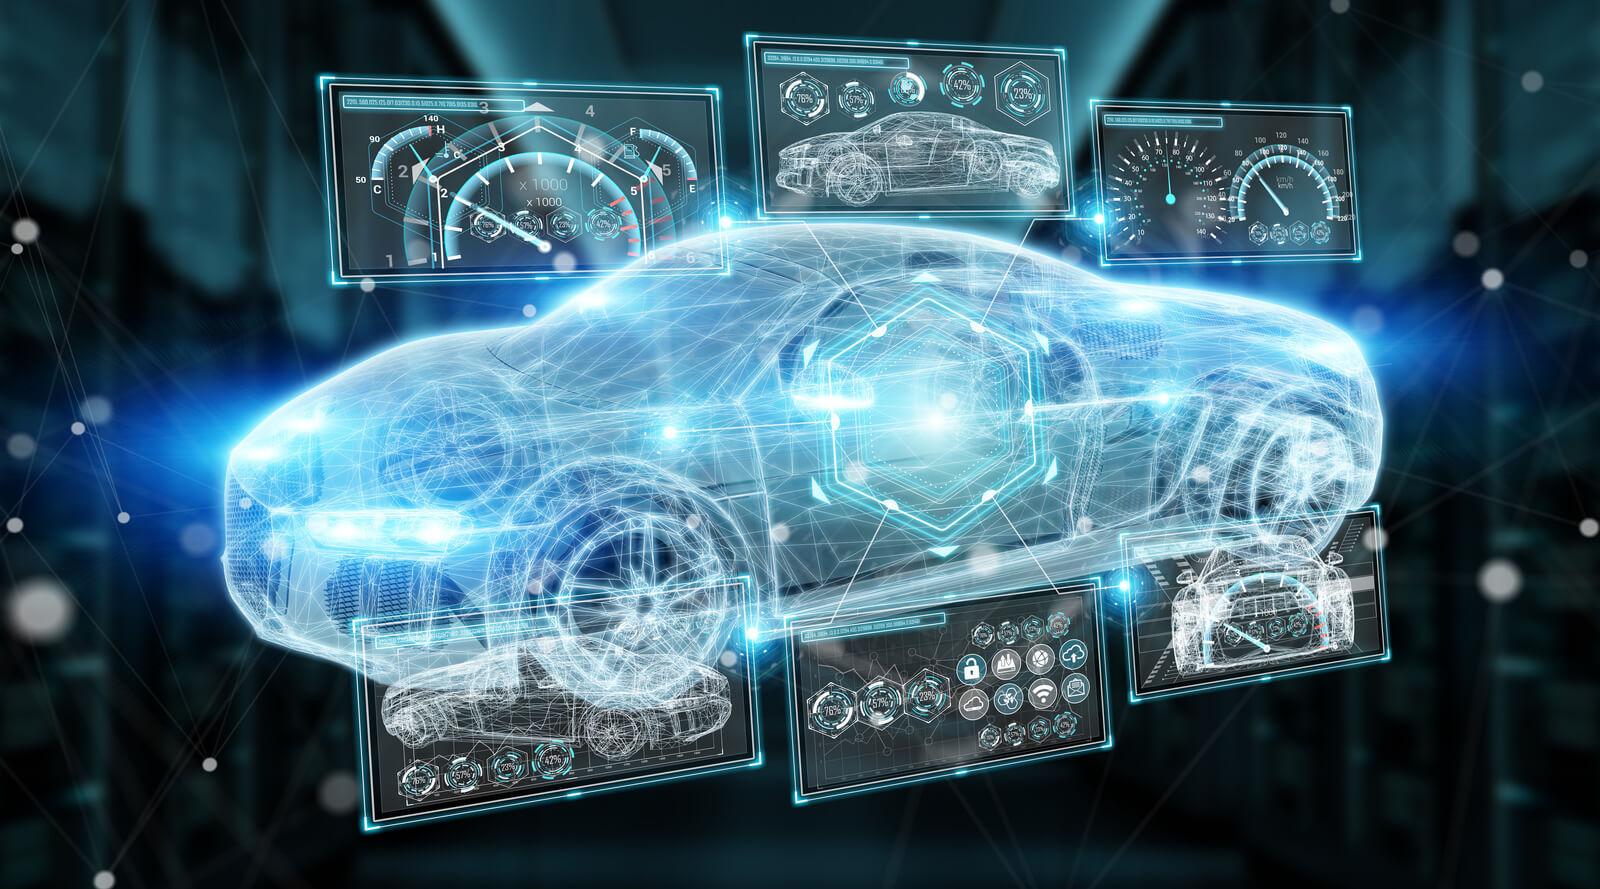 Bild: Welche Teile eines Autos werden auf Dichtheit geprüft?